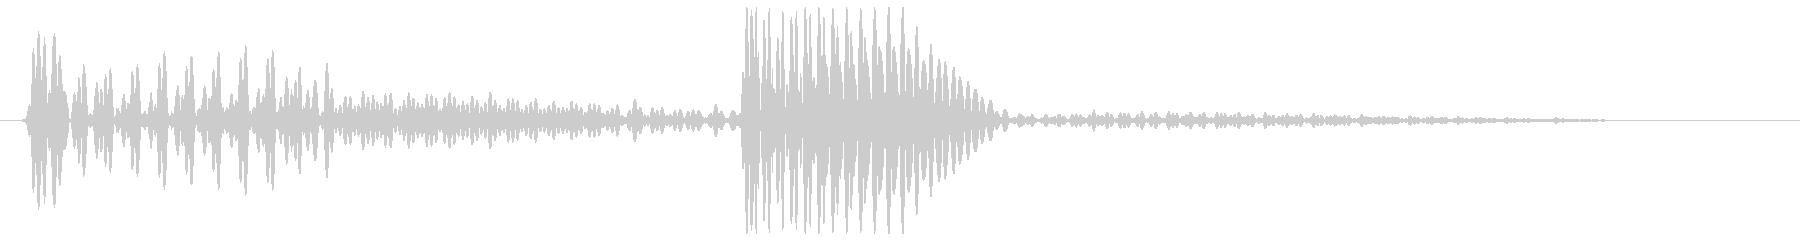 ベンッ(ベースの弦を弾いたような音)の未再生の波形